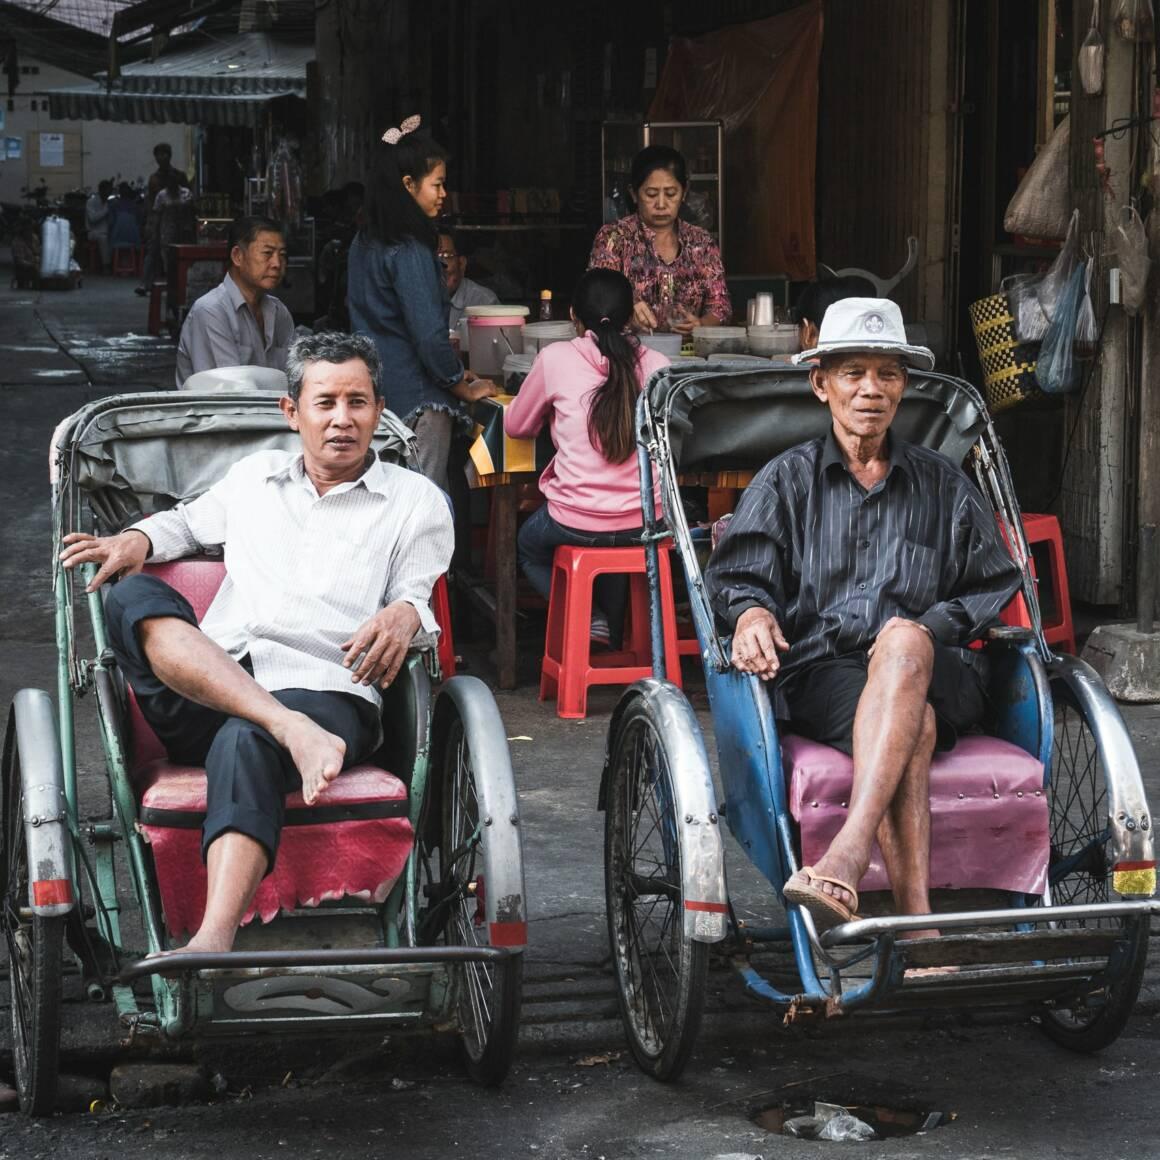 la cambogia rilascera la sua valuta digitale ufficiale in blockchain denominata progetto bakong 1160x1160 - La Cambogia rilascerà la sua valuta digitale ufficiale in Blockchain denominata Progetto Bakong